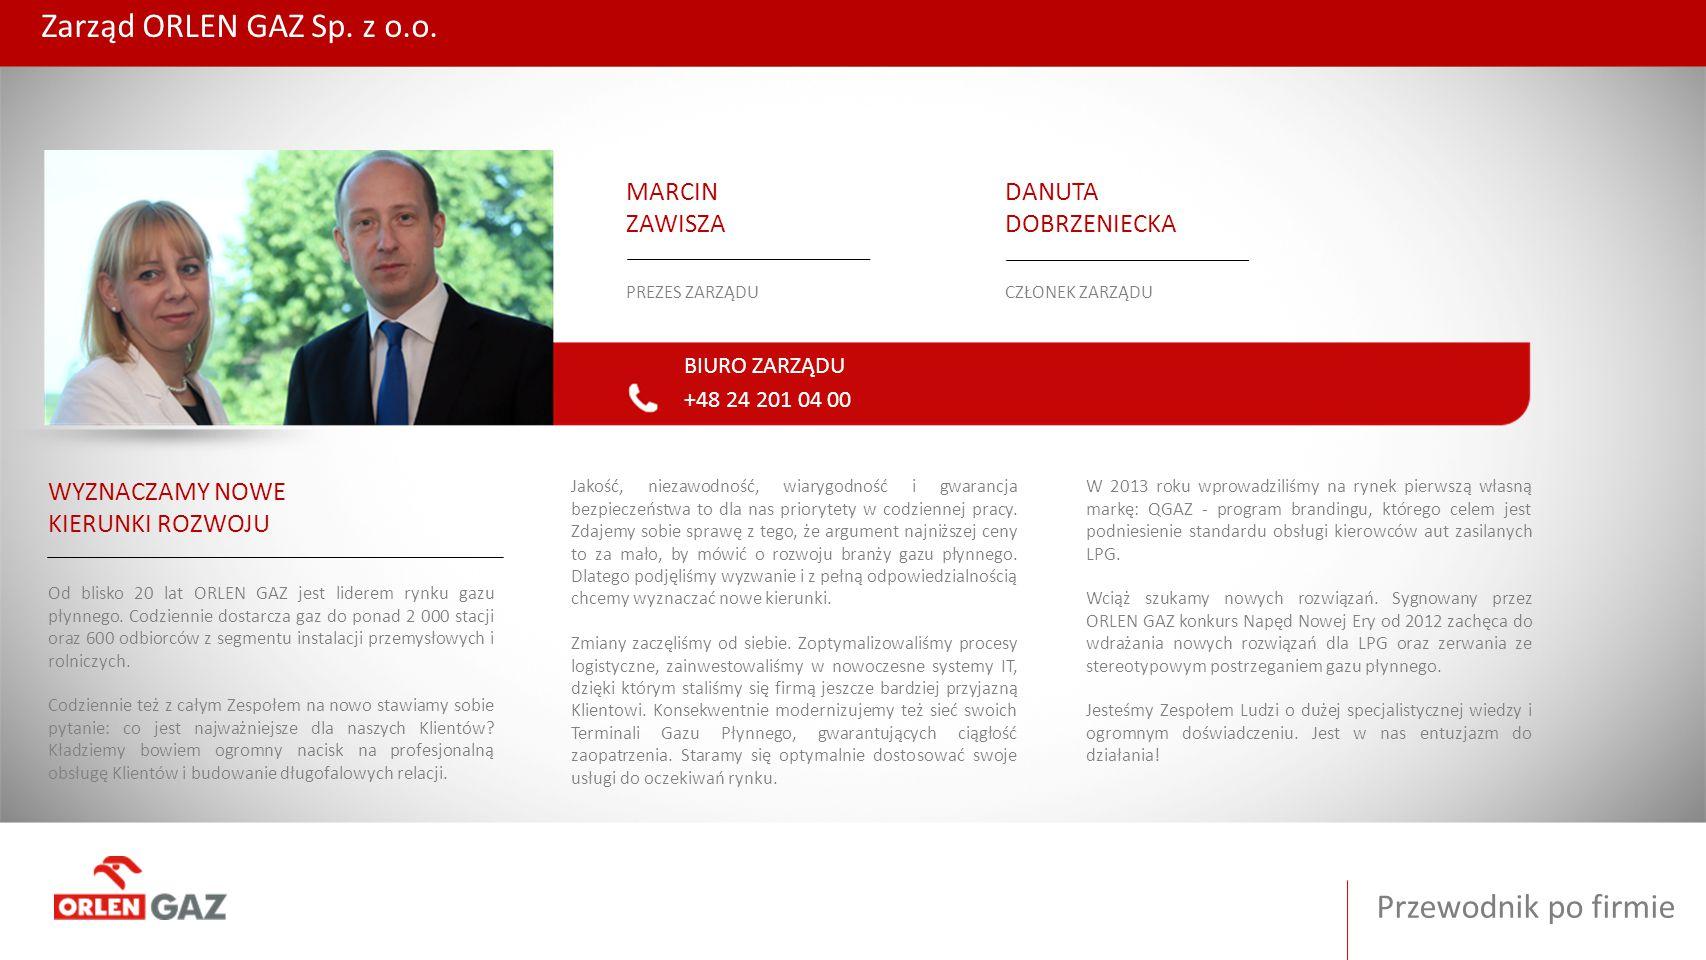 Zarząd ORLEN GAZ Sp. z o.o. Przewodnik po firmie DANUTA DOBRZENIECKA